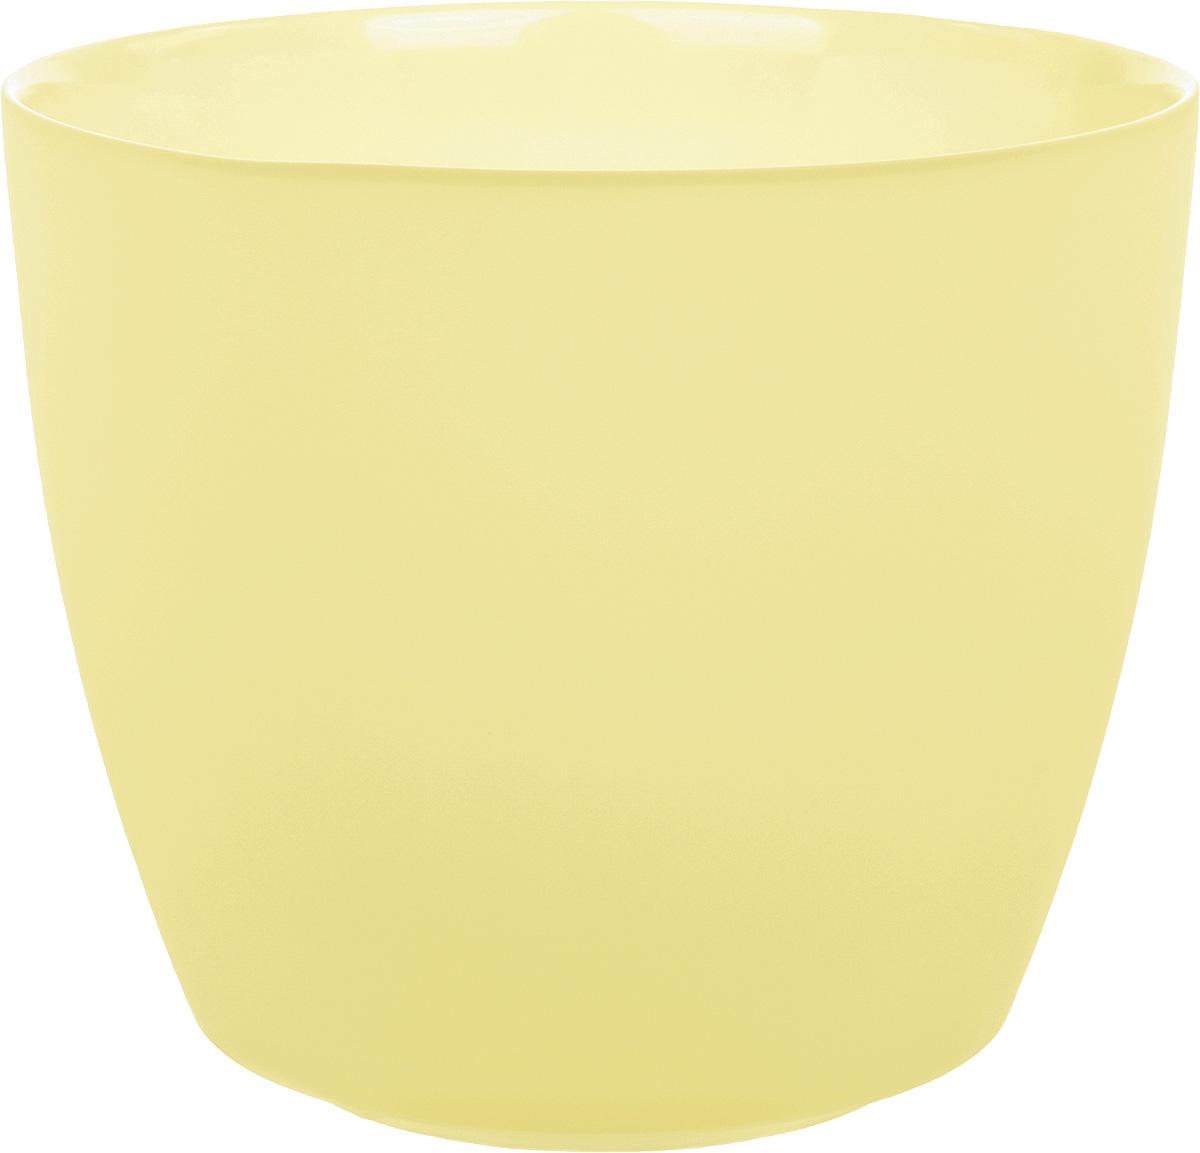 Кашпо Nina Glass НТ-4, цвет: ваниль, 2,5 лNG93-227VПродукция завода под брендом NinaGlass известна российскому потребителю необычностью форм и оригинальным декорированием. Главным достоинством стеклянных горшков является отсутствие пористости на их внутренней поверхности, что делает безопасной смену растительного состава. Предприятие производит два вида изделий для флористов:- стеклянные цветочные горшки с отверстием в дне для посадки в них цветов и растений и подставкой под горшок в виде блюдца;- кашпо без отверстия для укладки в них пластиковых контейнеров с цветами и растениями.Горшки и кашпо изготавливаются из опалового триплексного (тройного) стекла с различными видами декорирования водо- и износостойкими красками. Возможна окраска изделий изнутри. Матовая поверхность и окраска изнутри создают объемный эффект, а сами цвета очень мягкие и приятные. Также интересны и формы изделий, выполненные методом центробежного формования: - горшки НТ - современная модель горшка с поддоном, которые смотрятся как единое целое и обладают устойчивым широким дном;- кашпо НТ - глубокие, с небольшим радиусом выпуклости, хорошим широким дном. Кашпо-подсвечники в форме куба можно считать дополнительной опцией: вы можете оформить интерьер не только оригинальными горшками и кашпо, но также весьма привлекательными подсвечниками.Доступны 5 размеров горшков и кашпо и 3 размера кашпо-кубов. Продукция TM NinaGlass безопасна, функциональна, прочна и уникальна. Горшки и кашпо способны создать неповторимое настроение и стать центром интерьера в любом помещении.